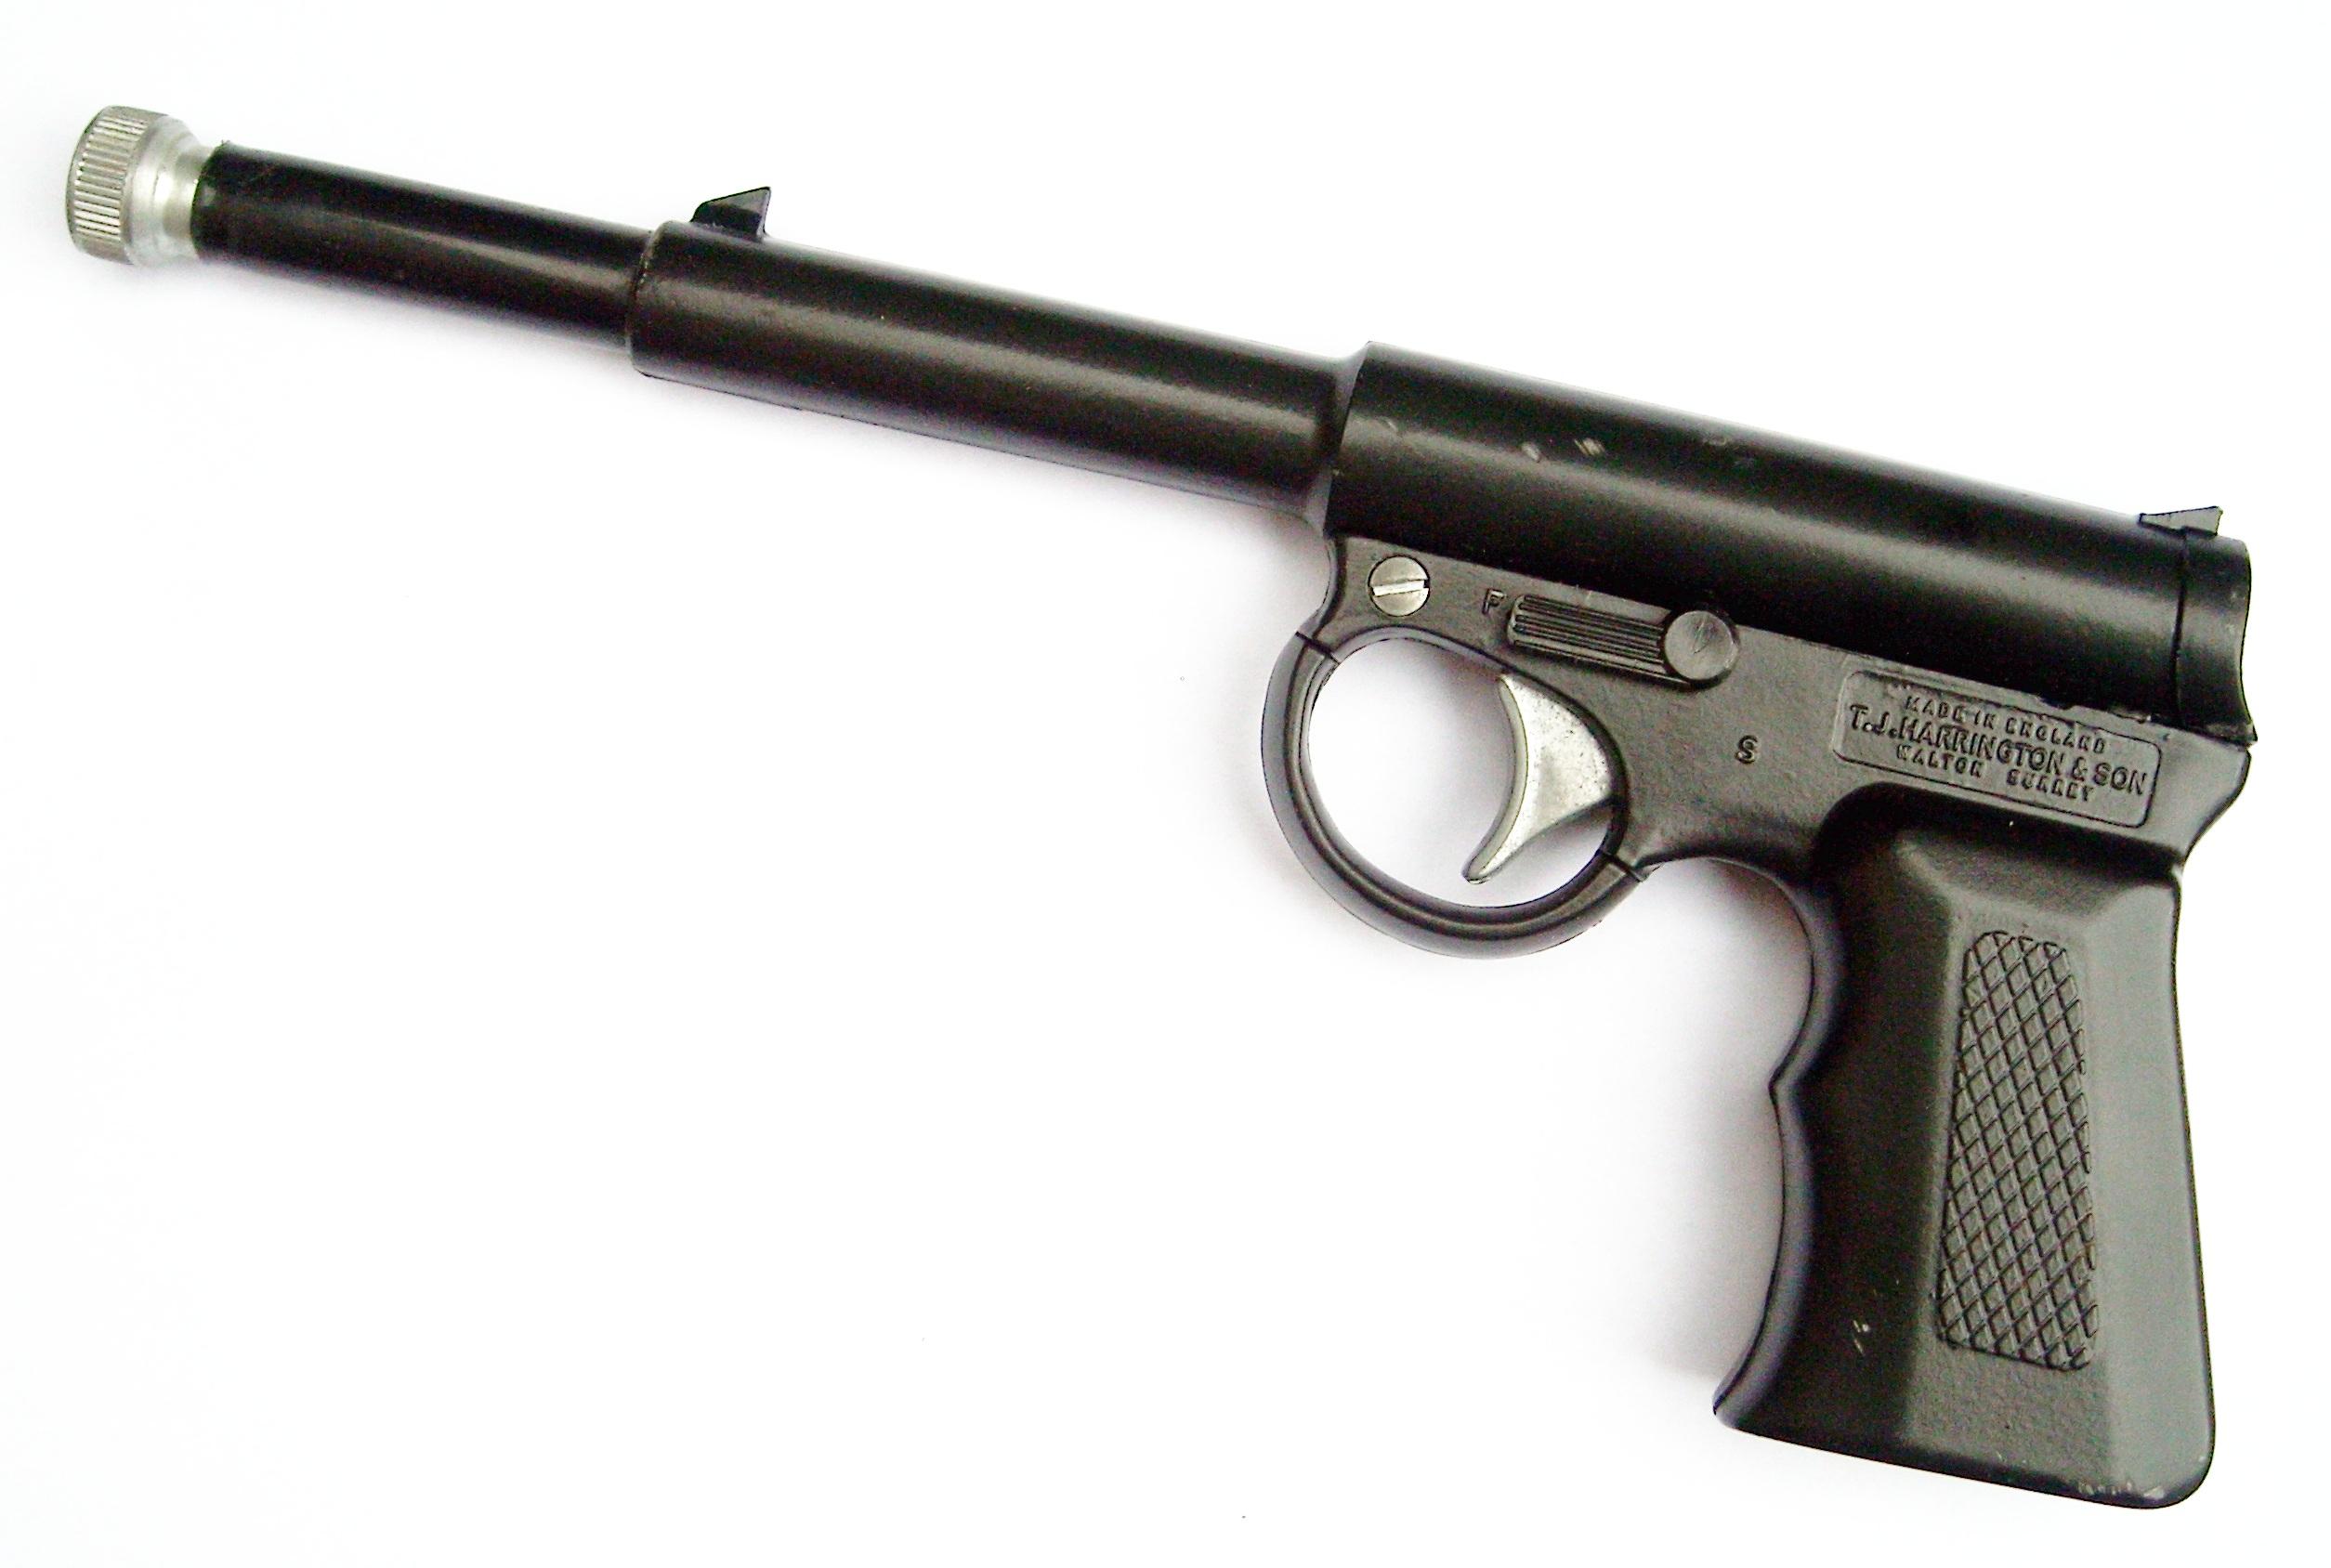 Gat air pistol - Wikipedia